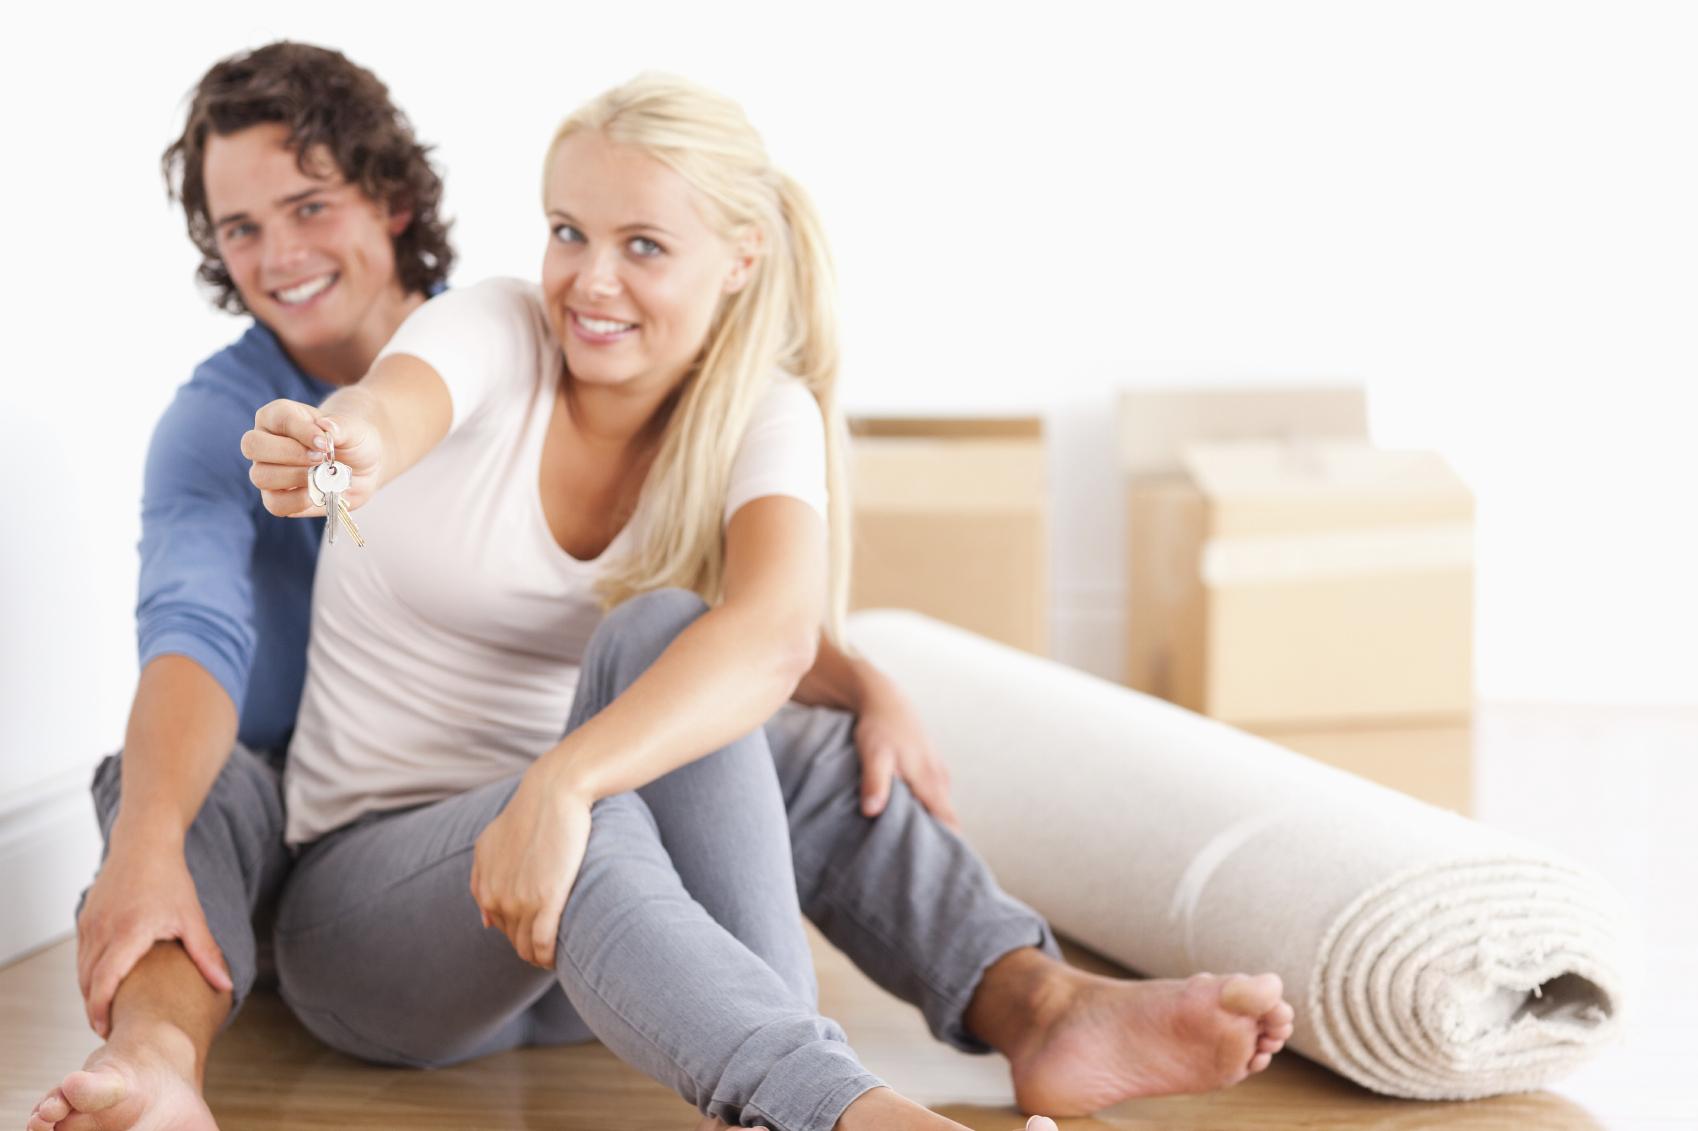 Weber immobilien umzug stressfrei ins neue heim for Wohnung aussortieren